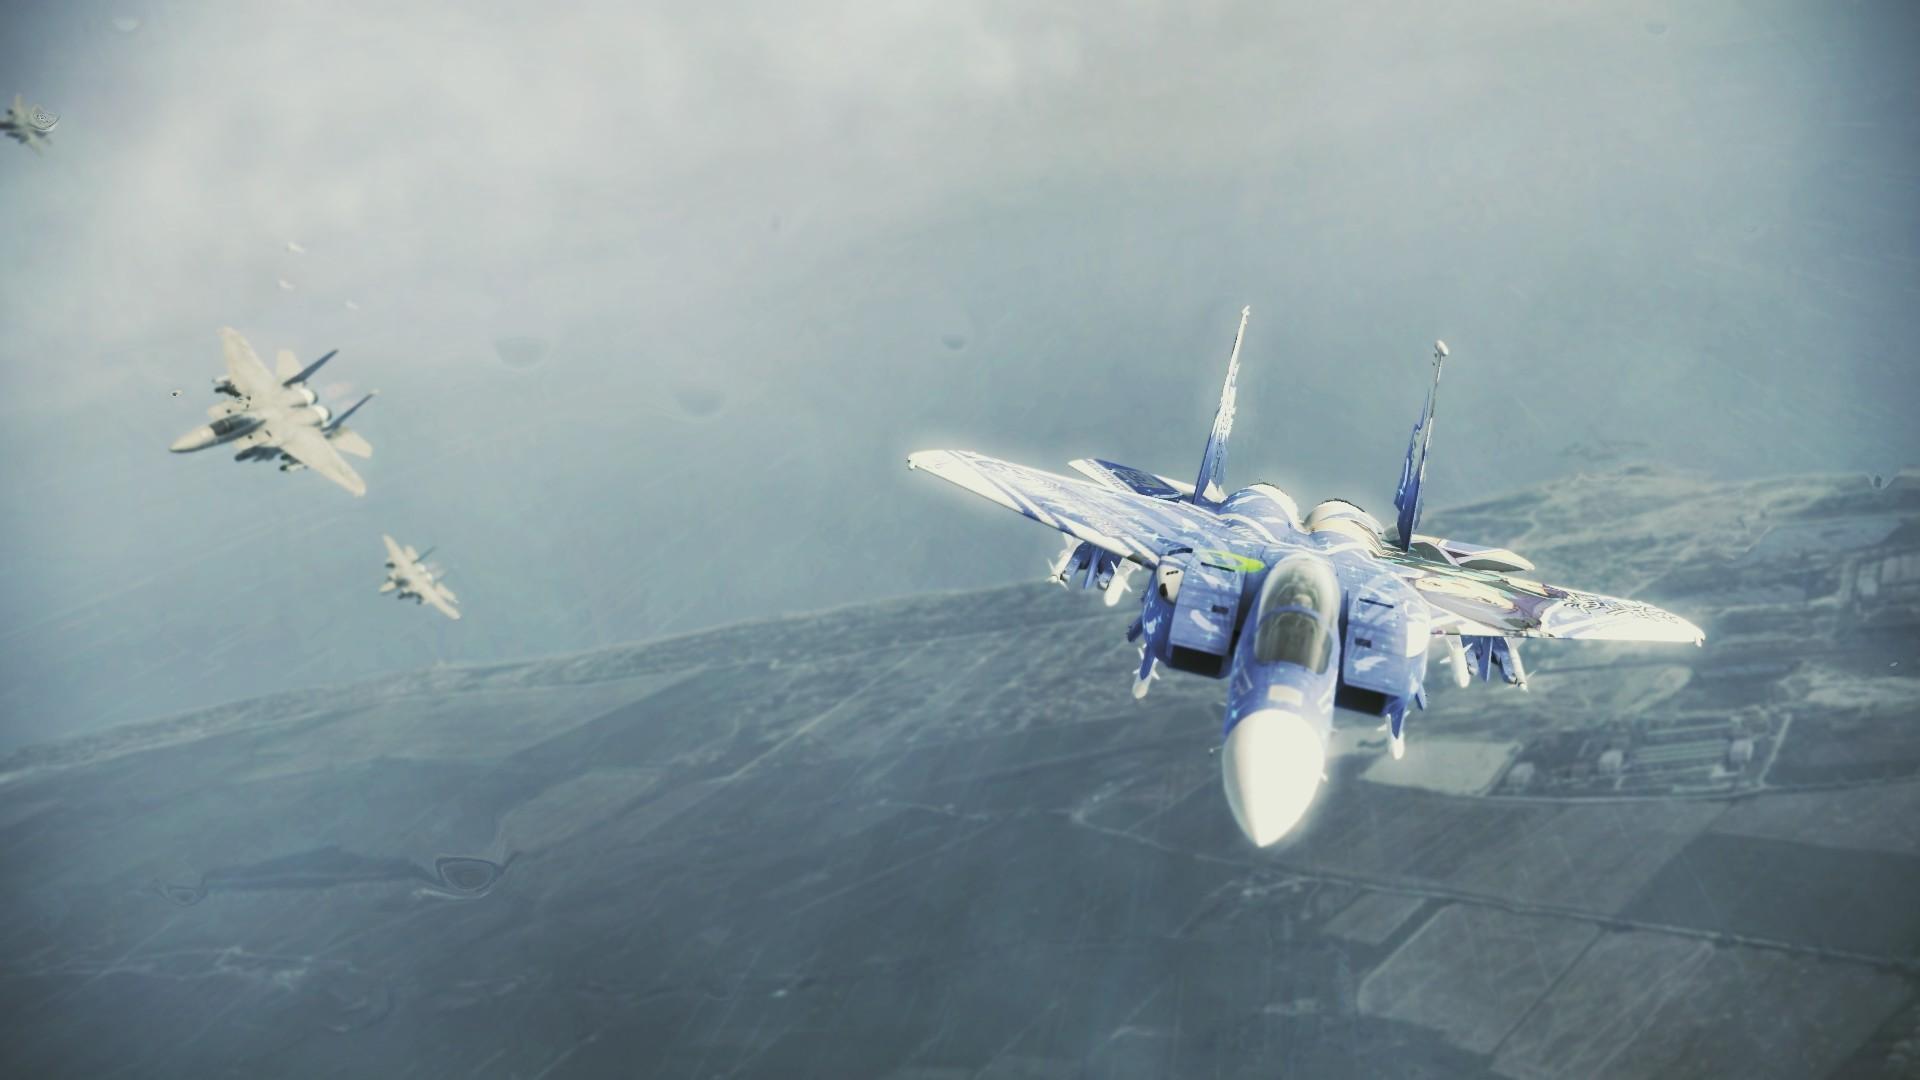 Ace Combat Good Wallpaper